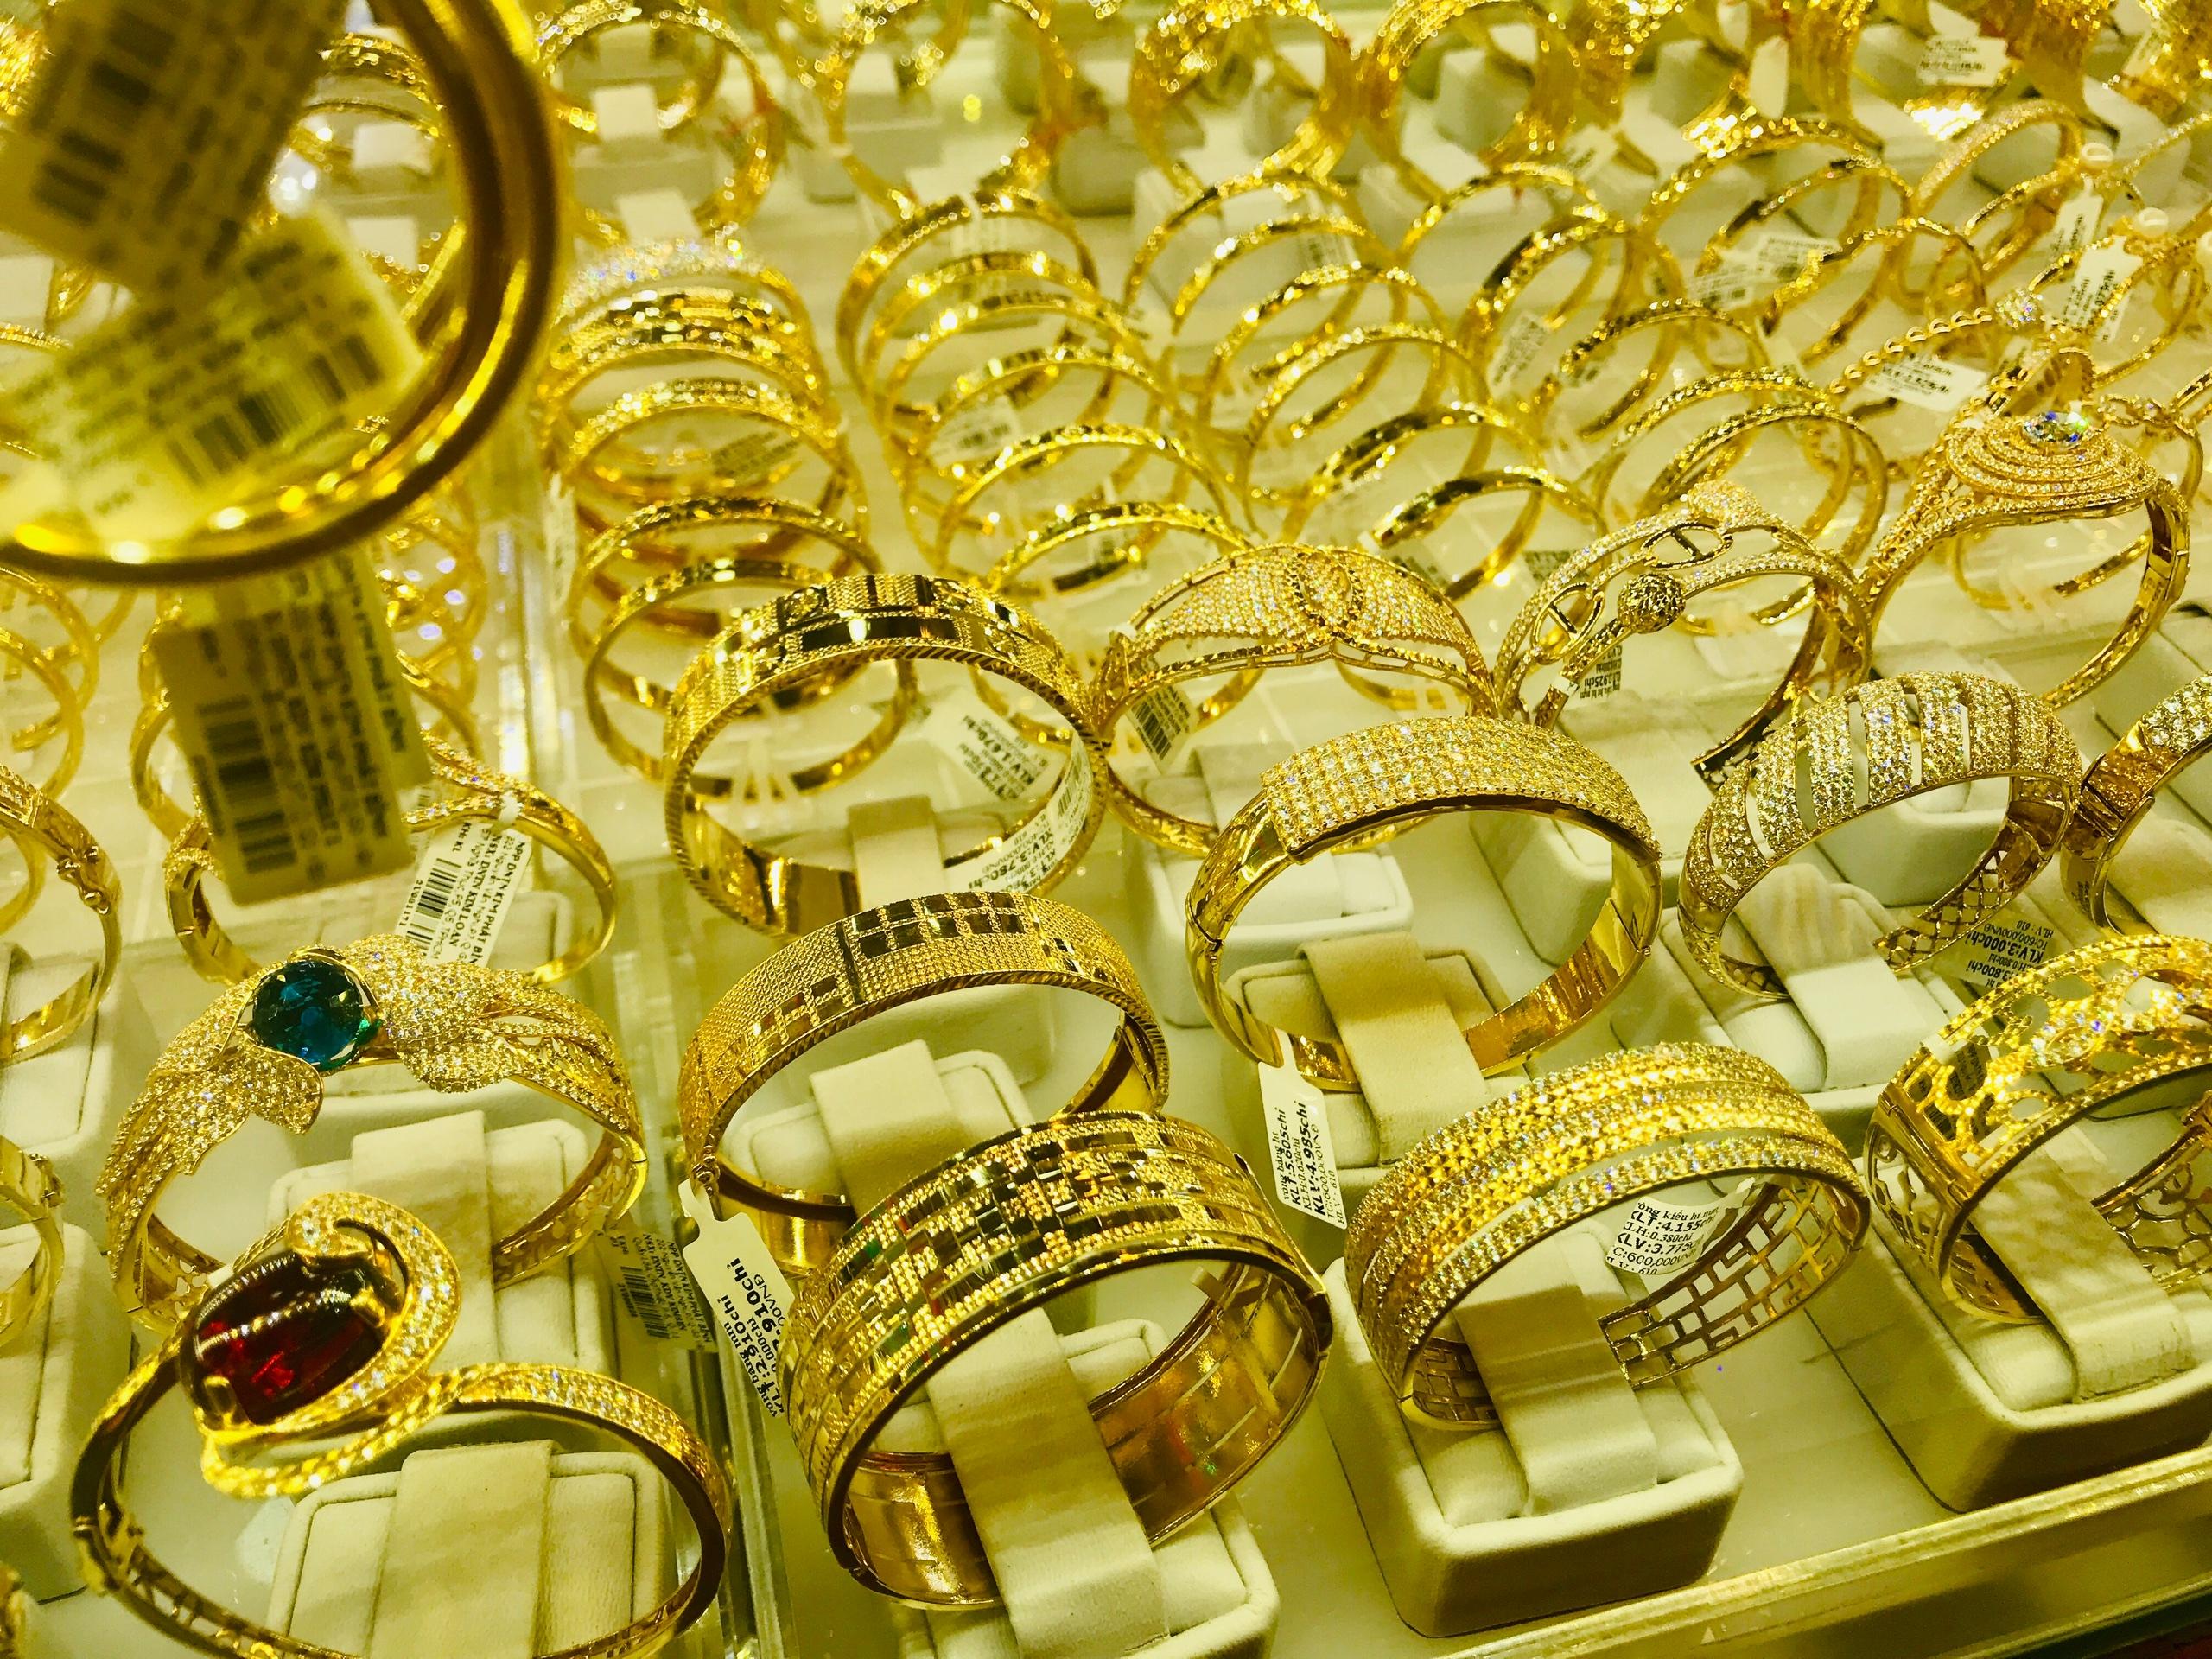 Giá vàng hôm nay 31/3: SJC tiếp tục lao dốc, mất thêm 250.000 đồng/lượng - Ảnh 1.